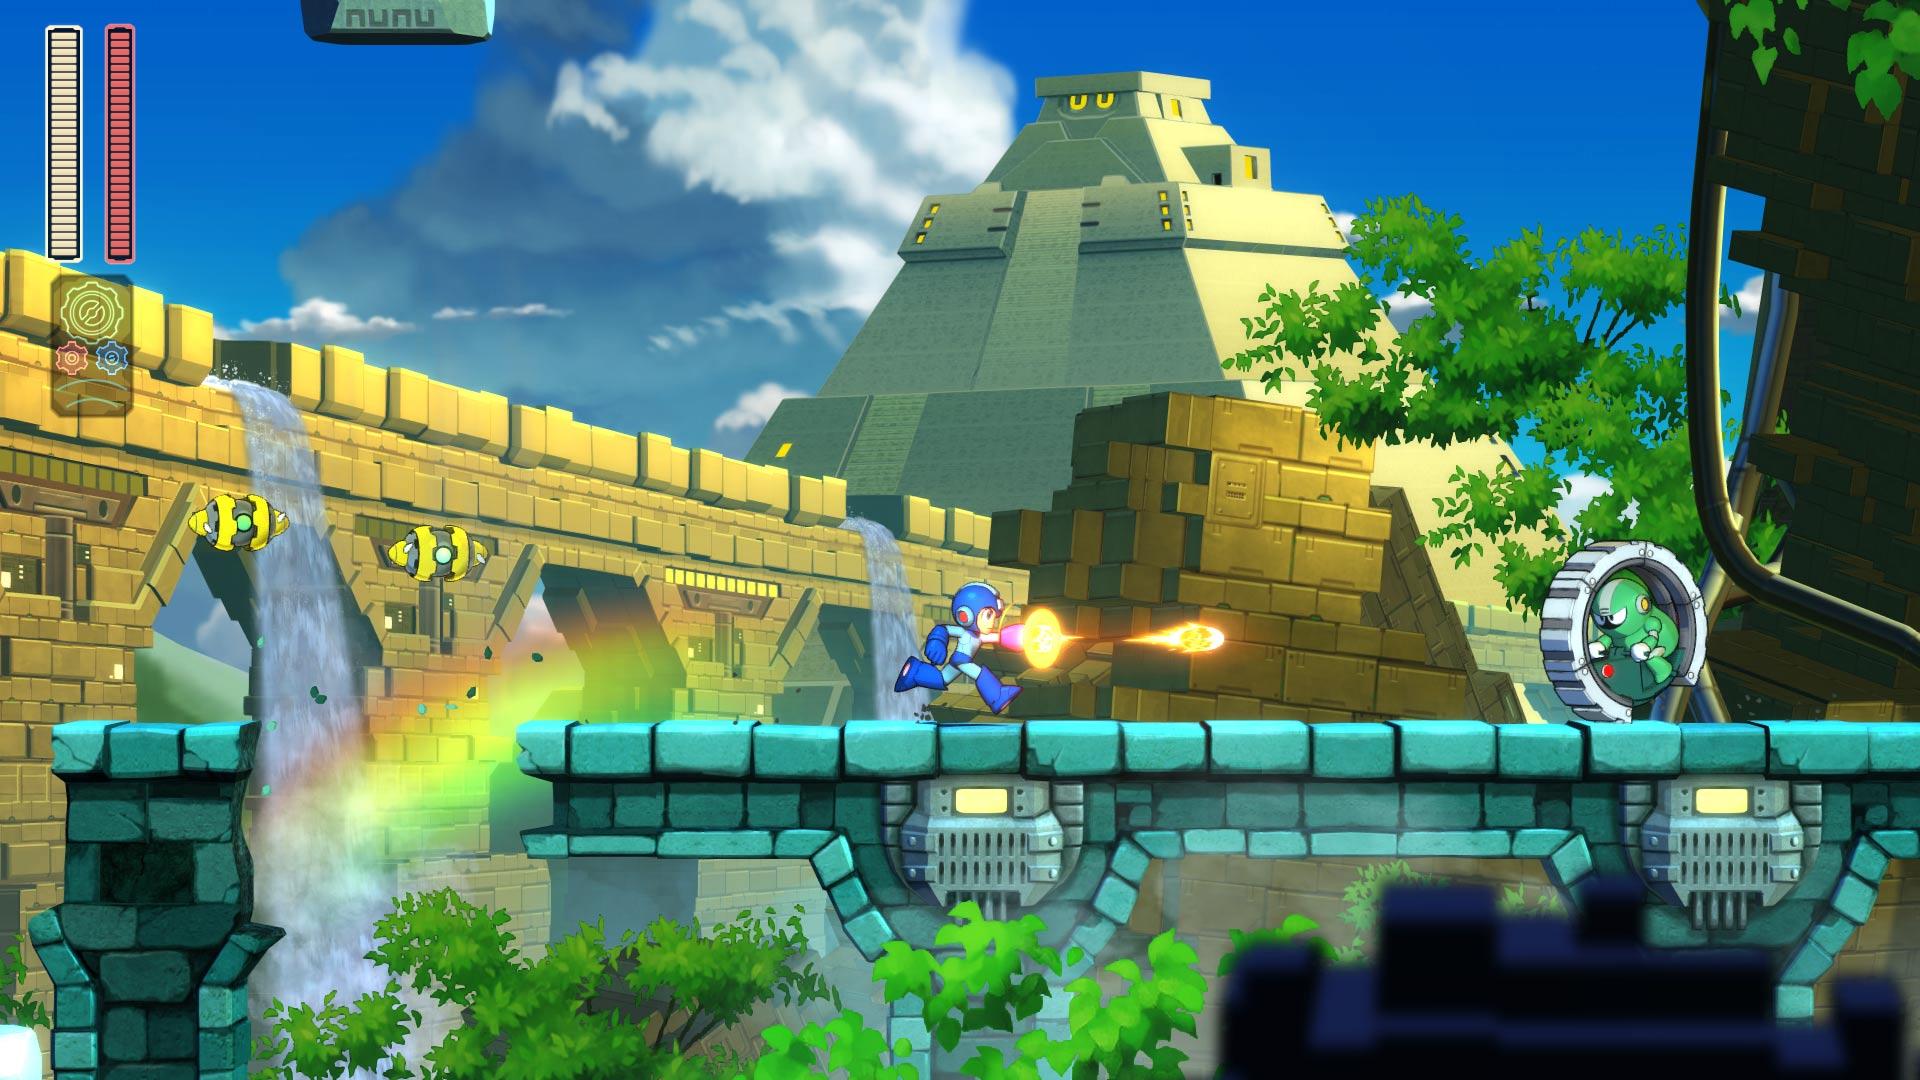 Mega man 11 tiene nuevo trailer y ¡demo disponible!